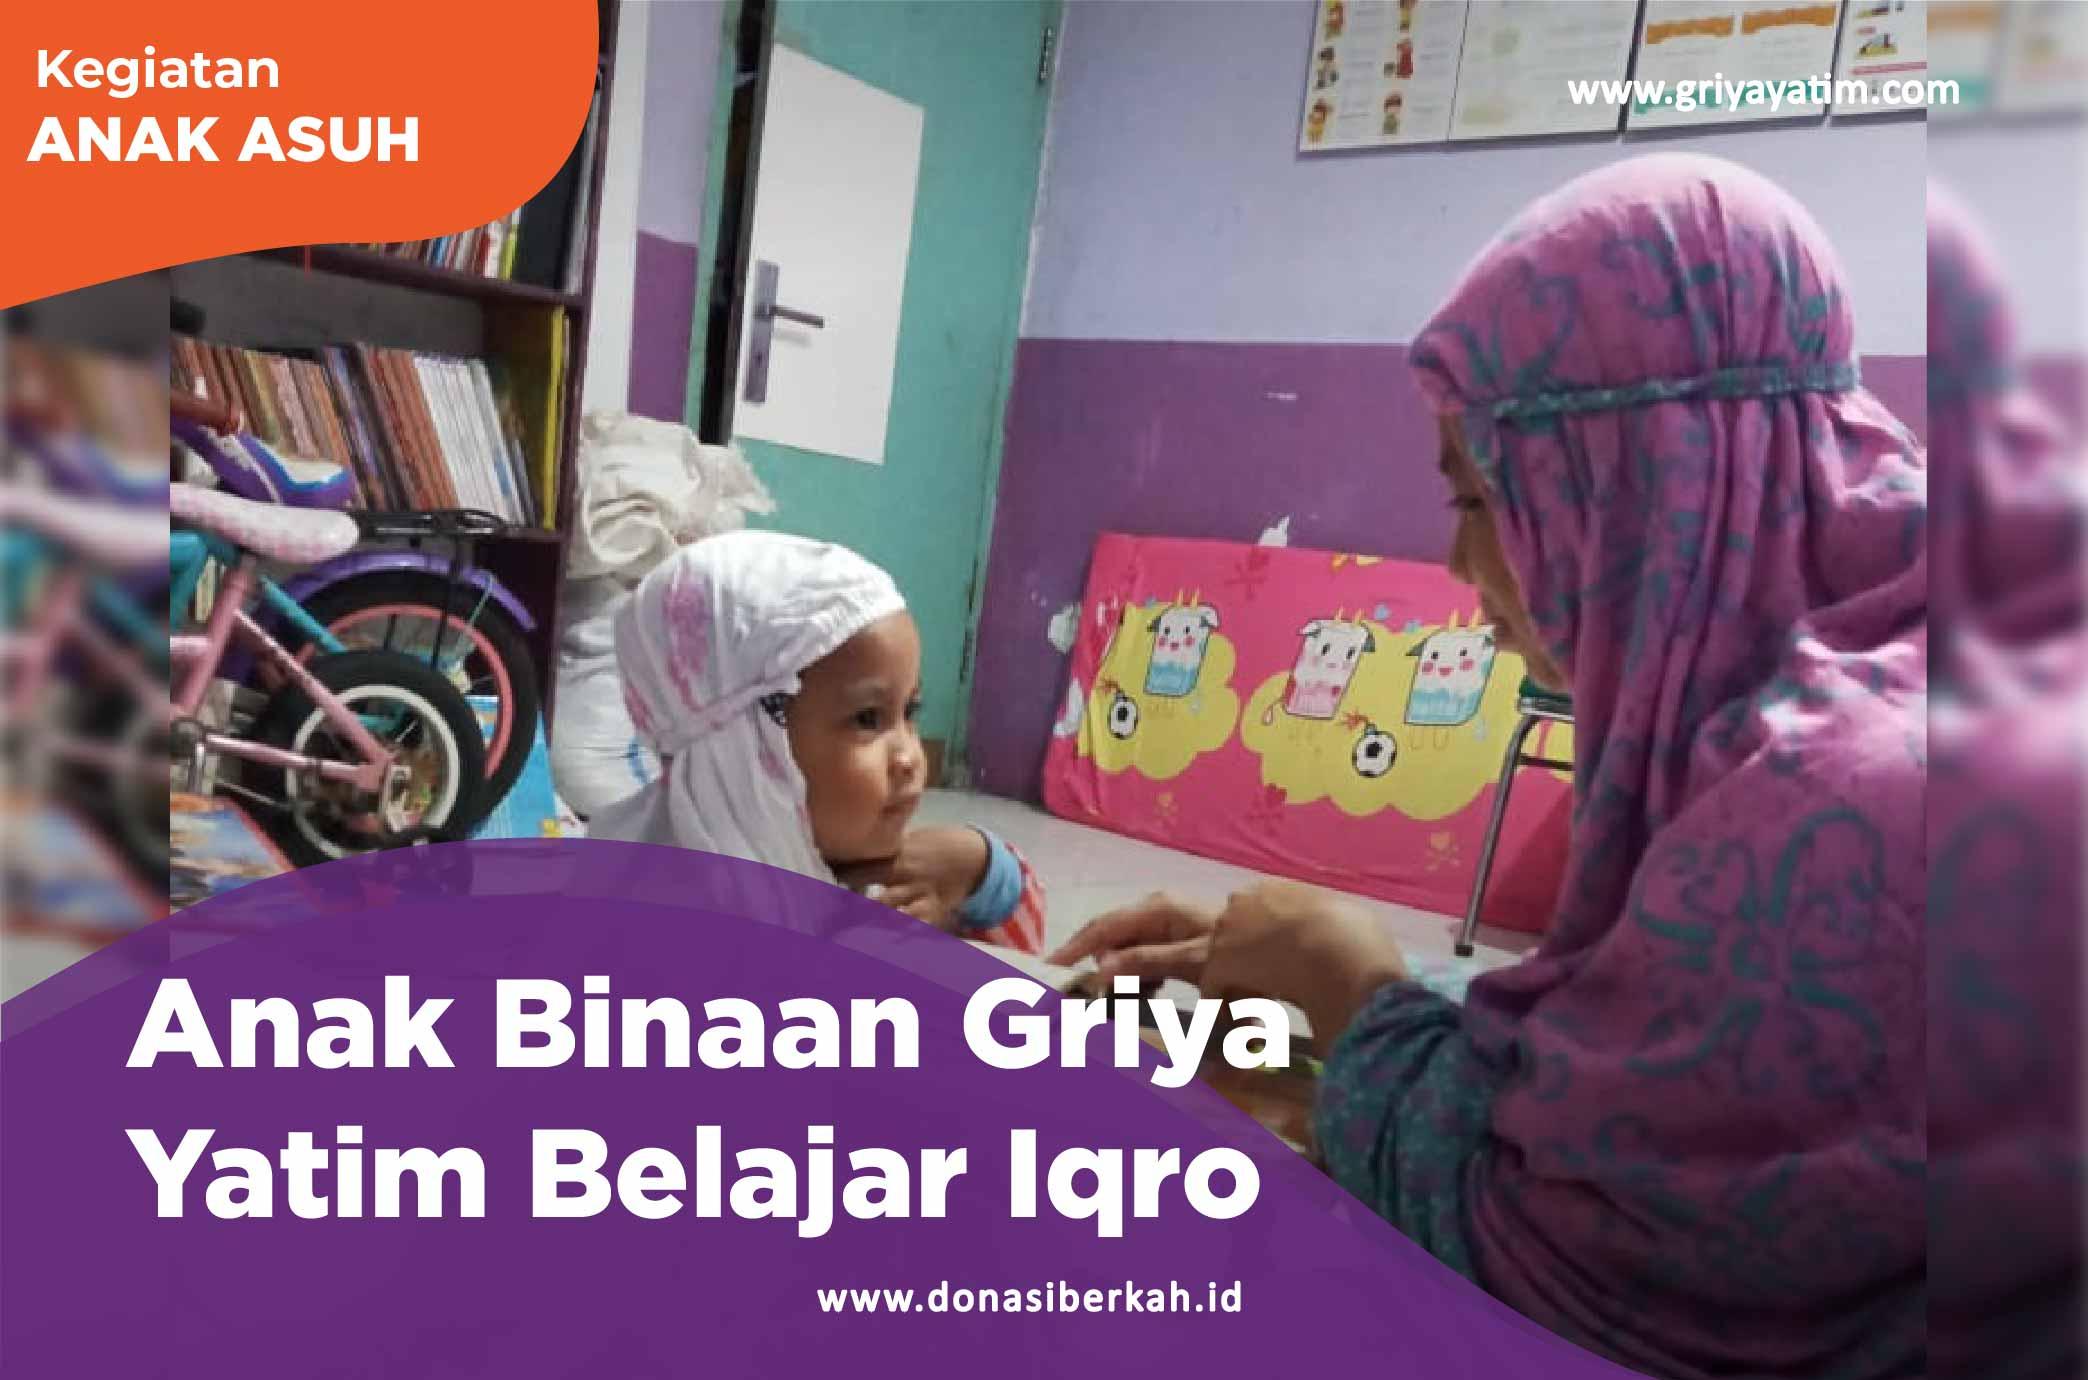 Anak Binaan Griya Yatim Belajar Iqro